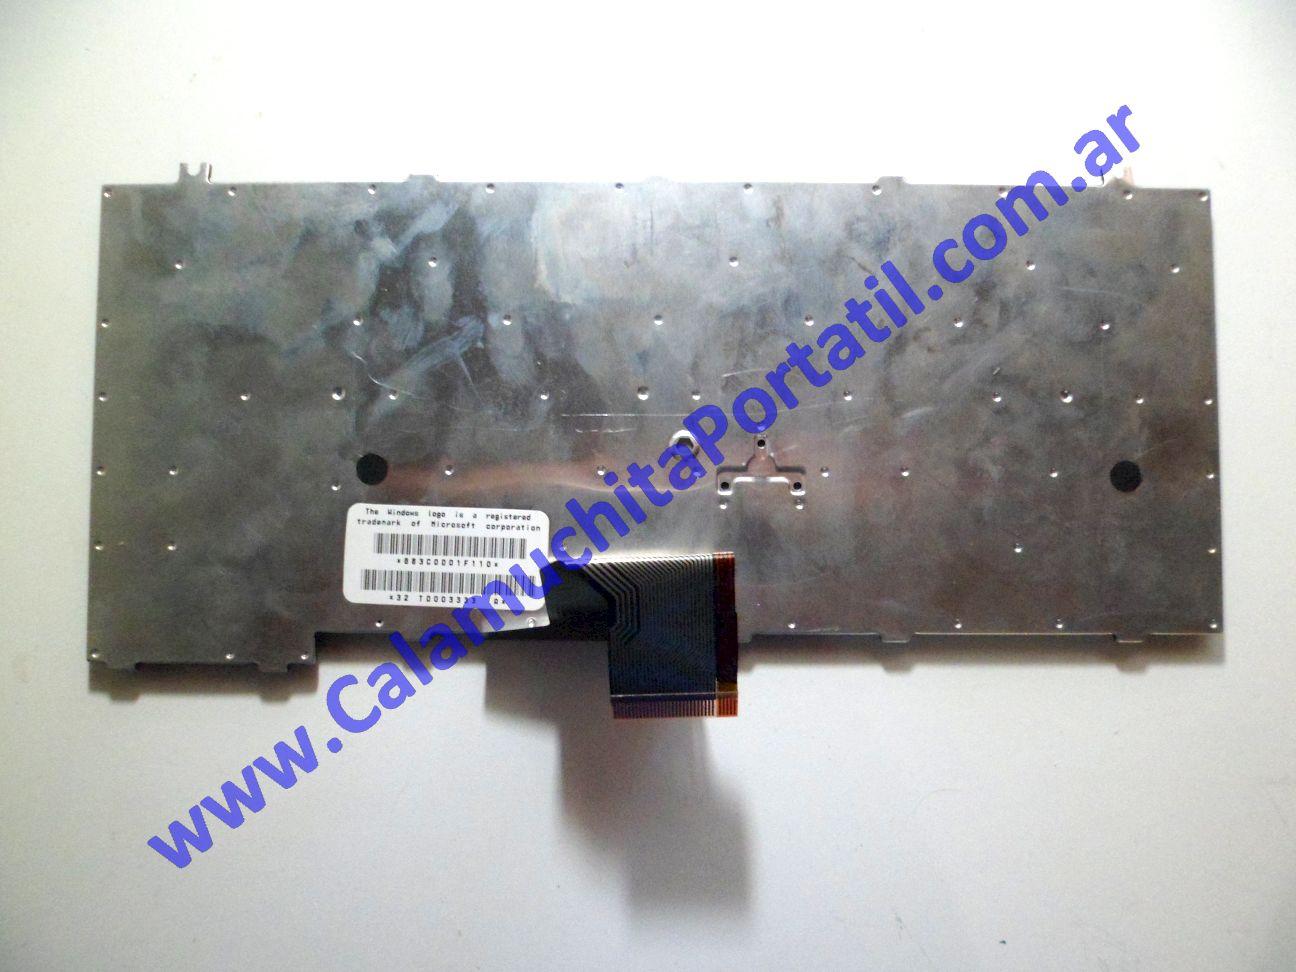 0026KBA Teclado Toshiba Satellite Pro M15-S405